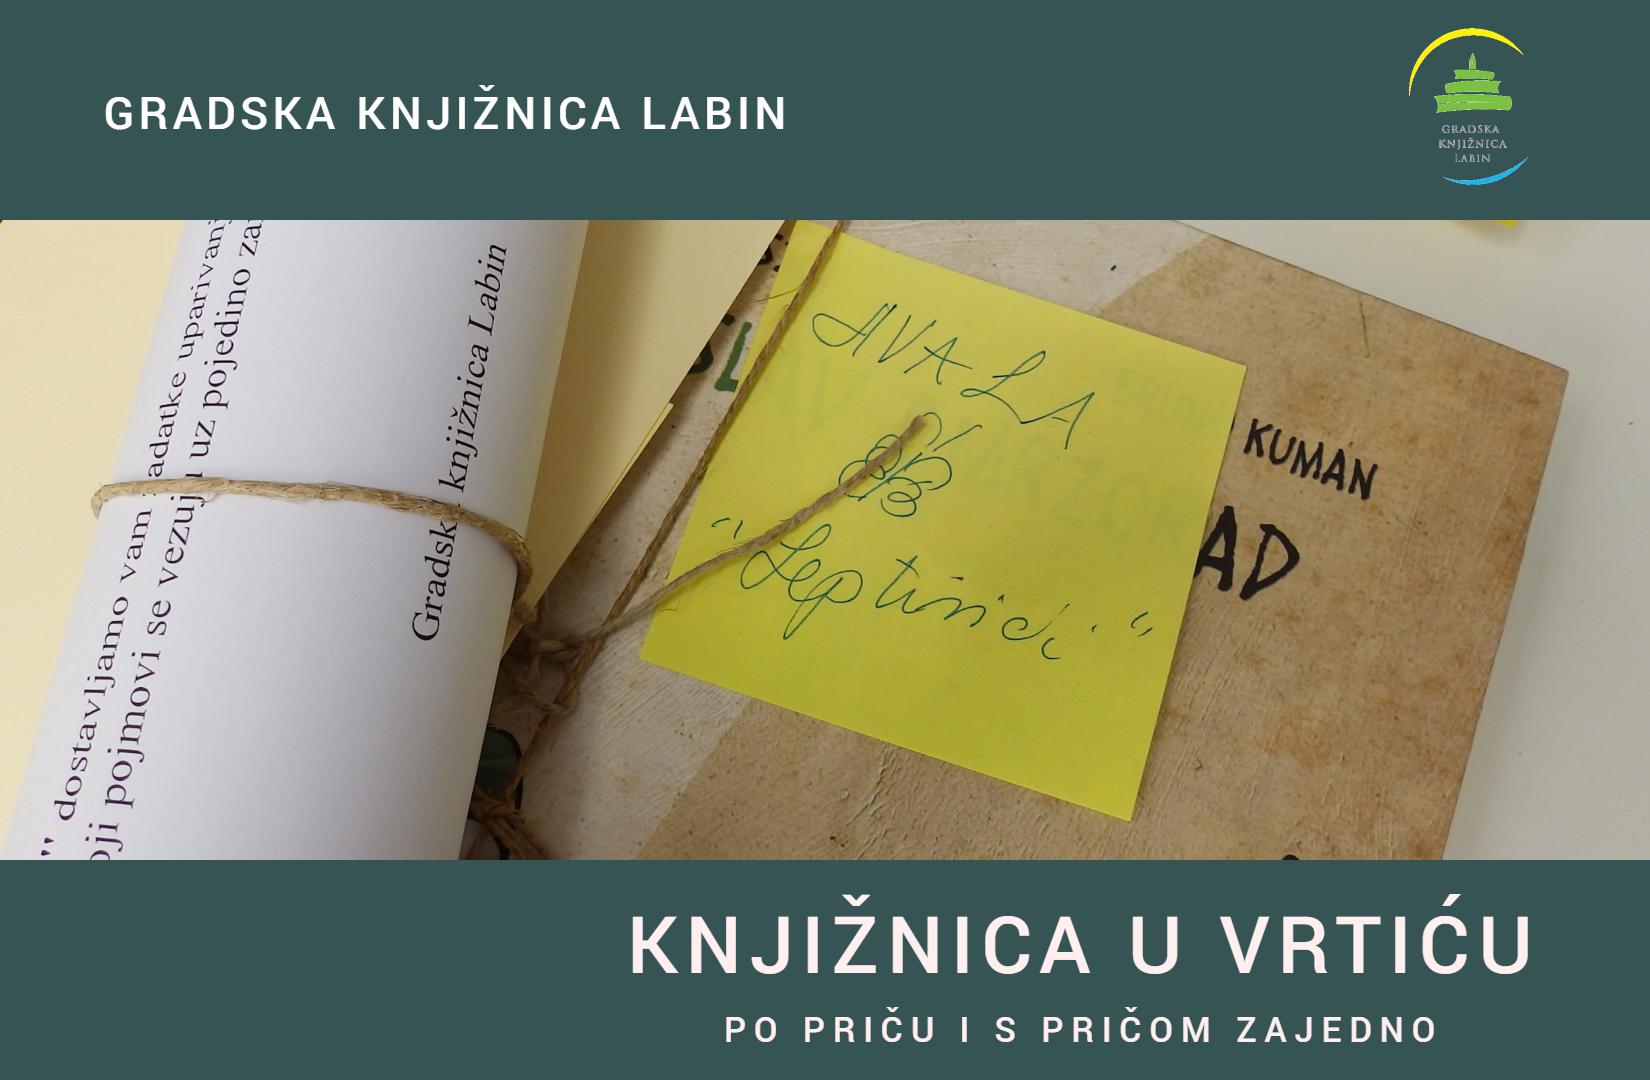 """Završena 1. etapa projekta """"Knjižnica u vrtiću - po priču i s pričom zajedno!"""""""